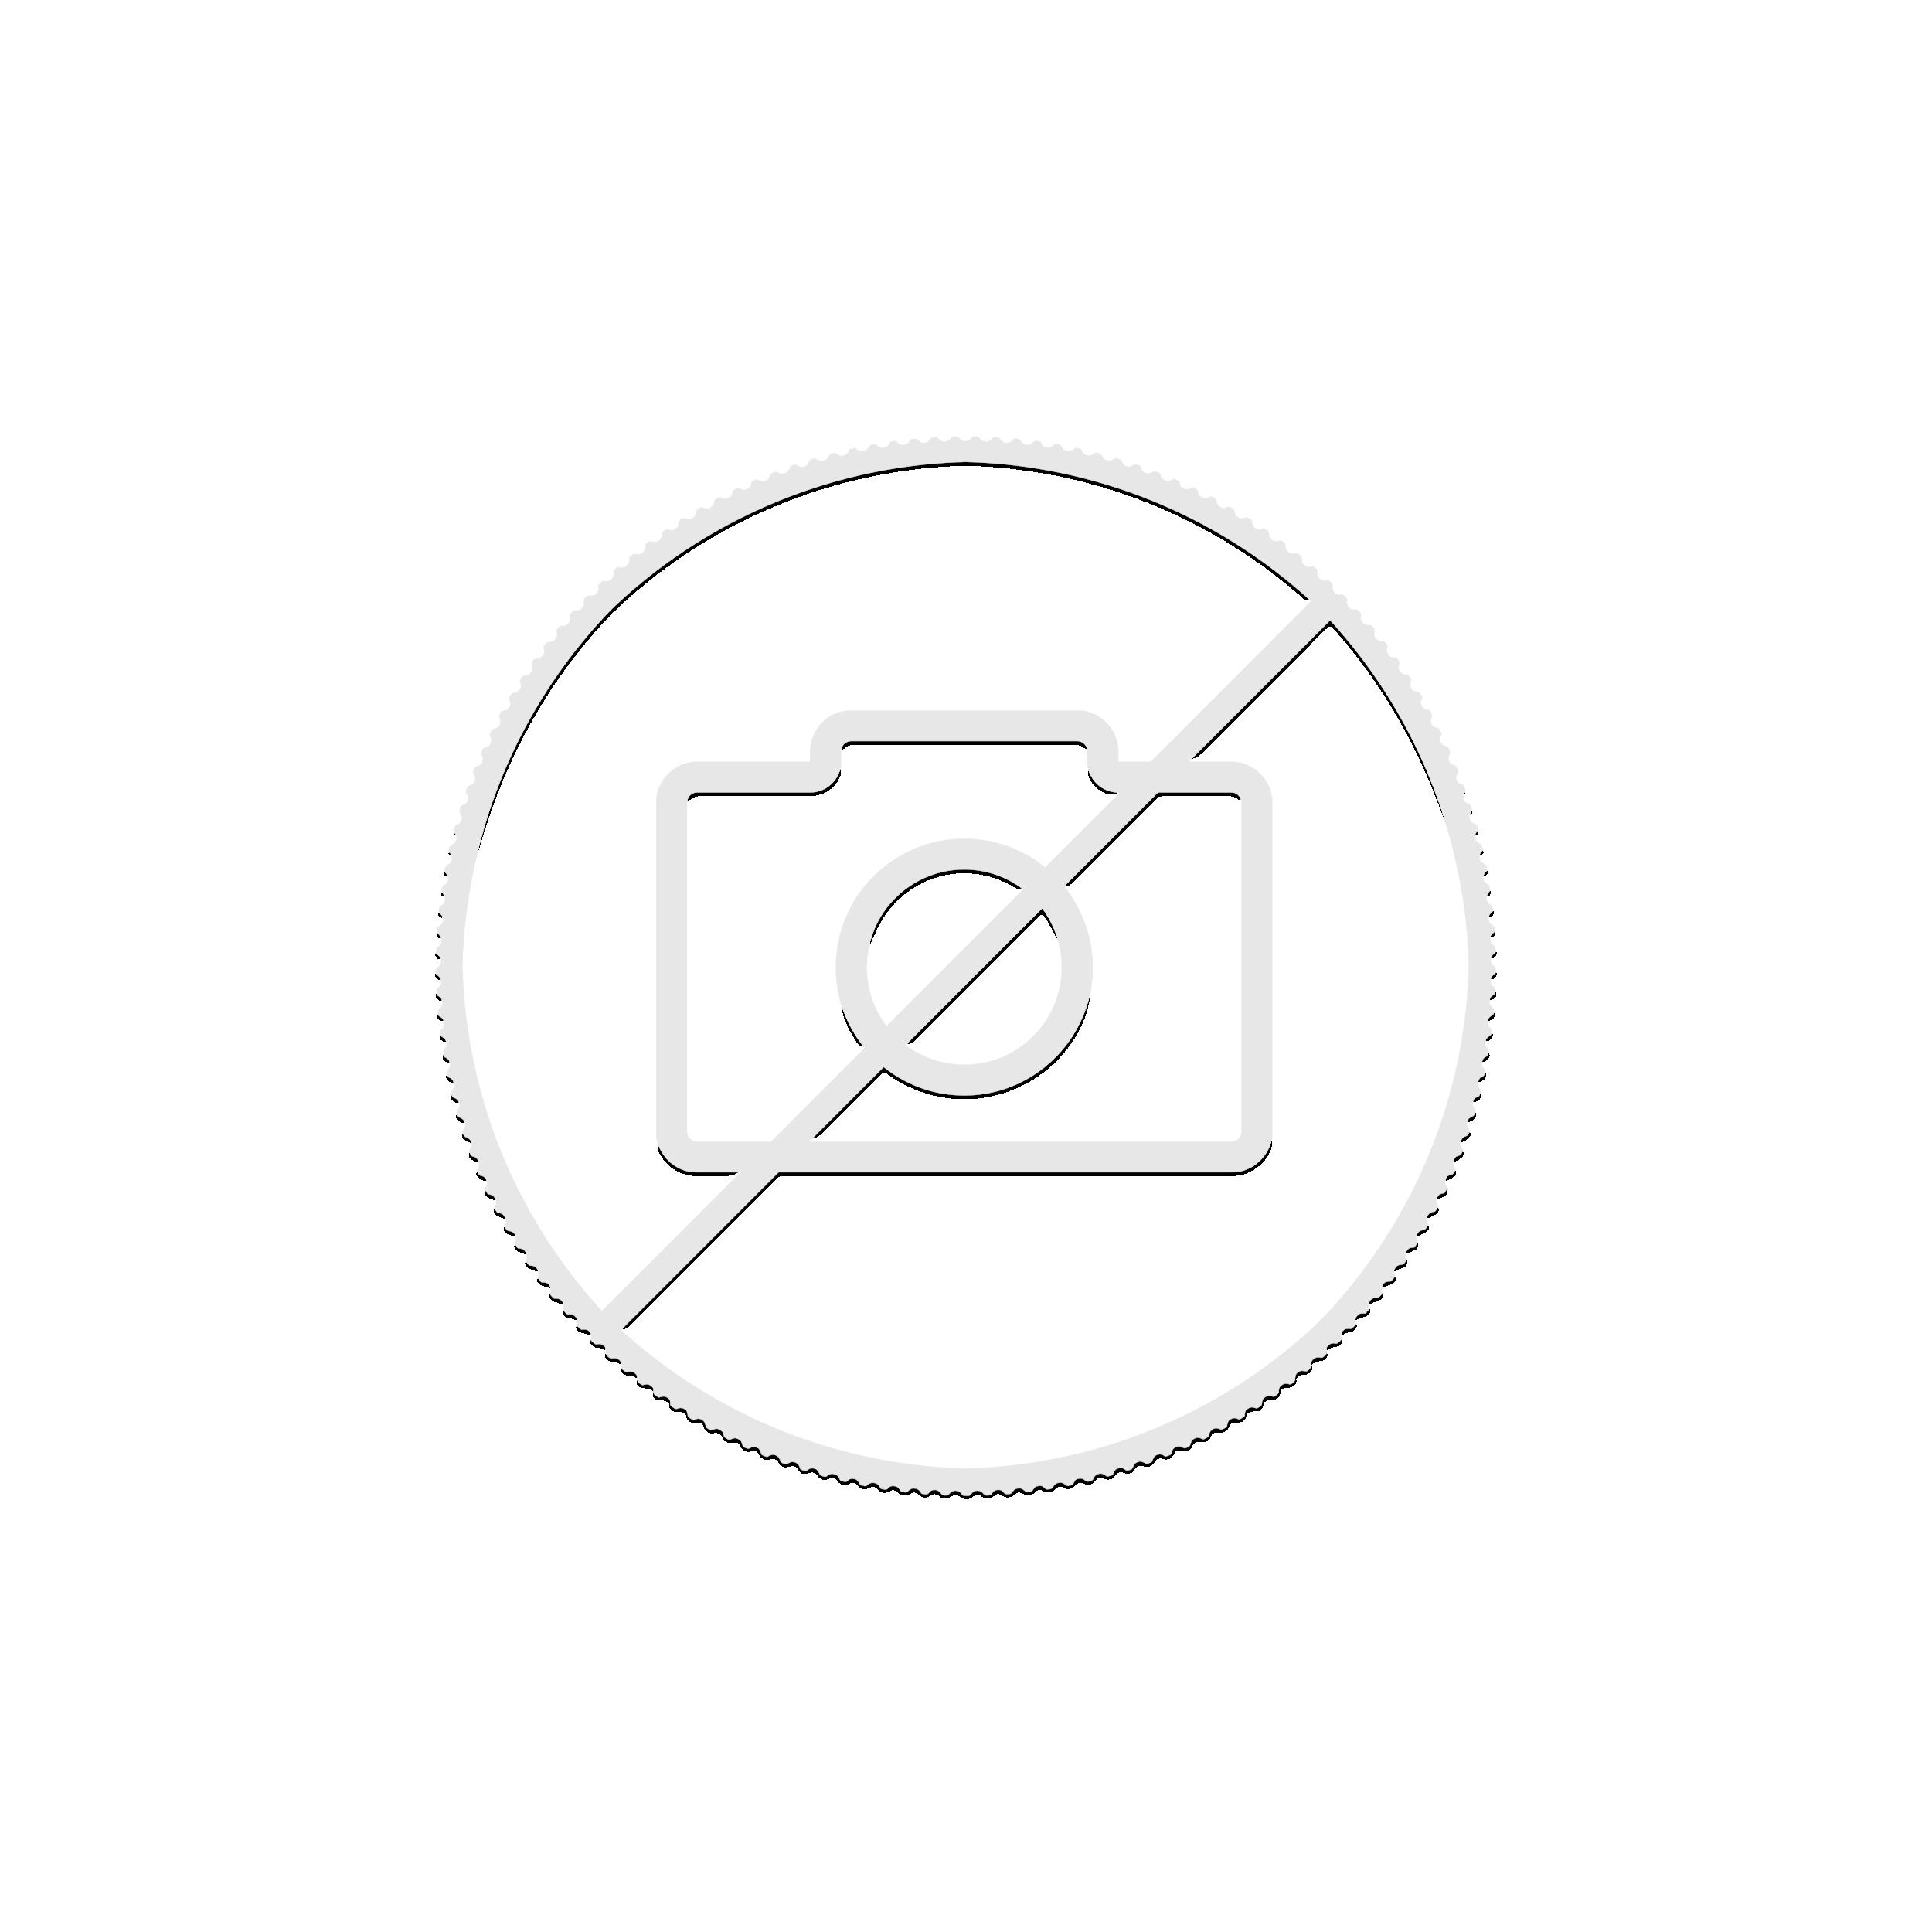 Zilveren Emoe 1 troy ounce munt 2020